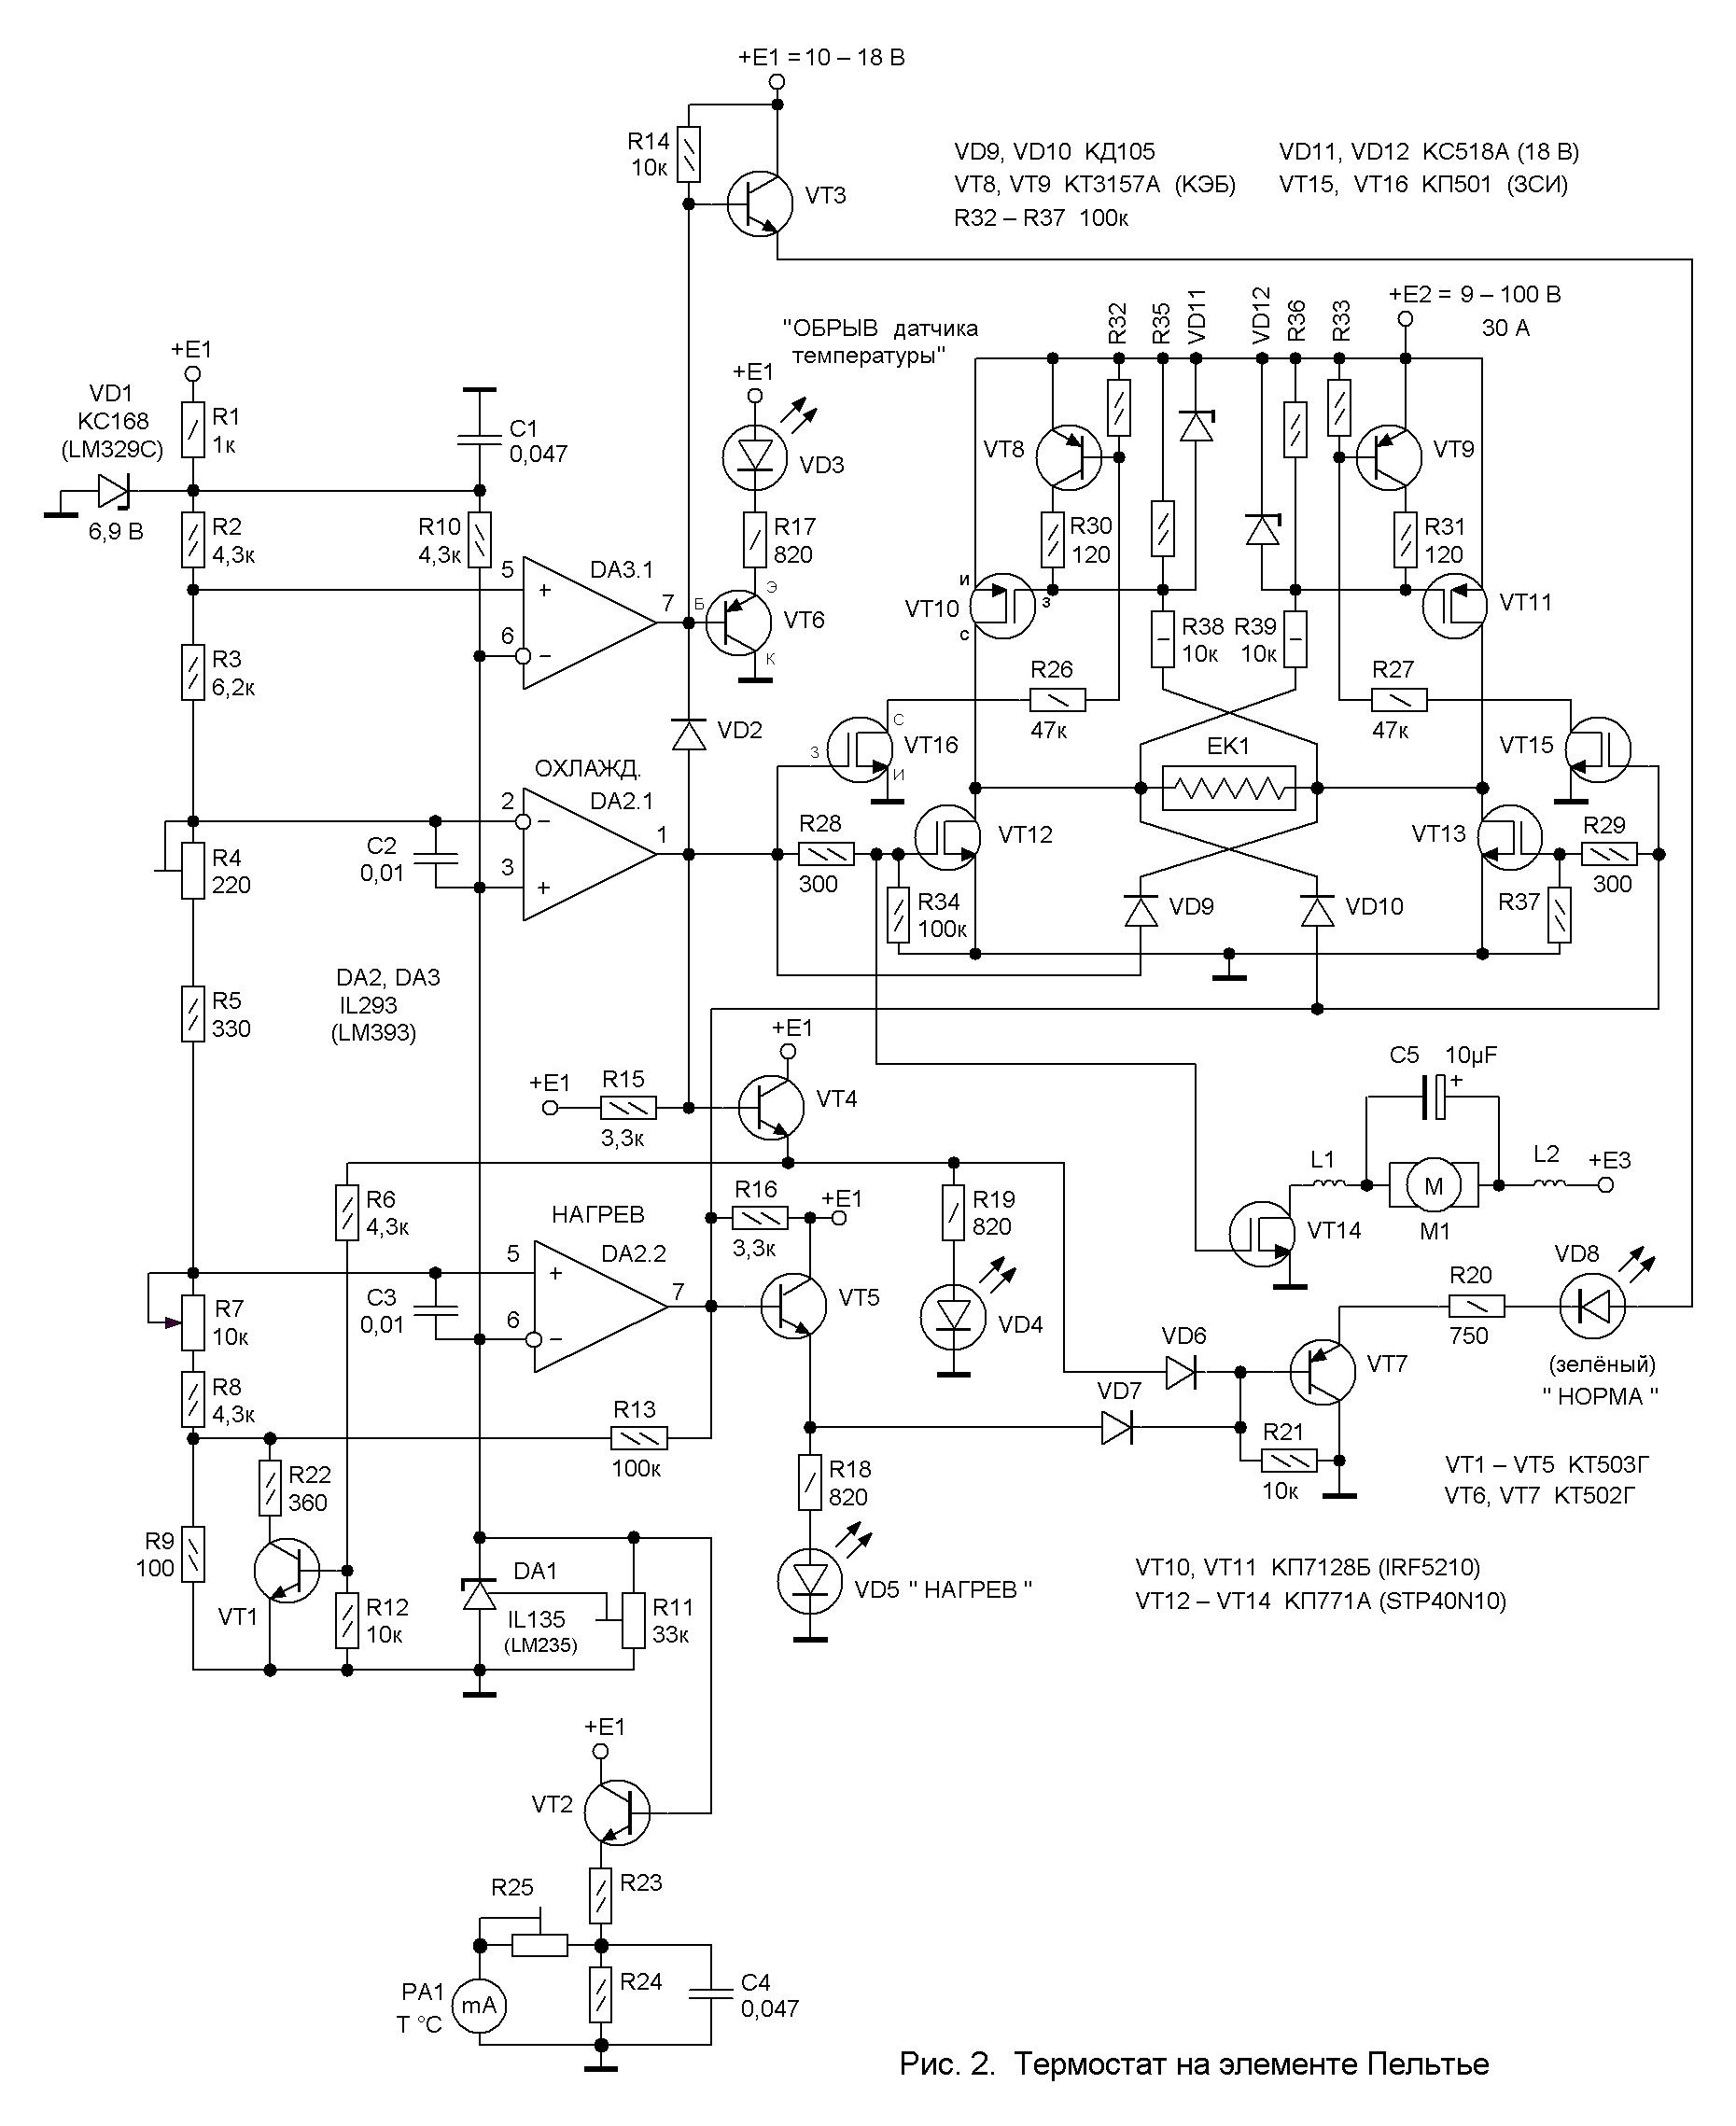 тиристорный терморегулятор схема